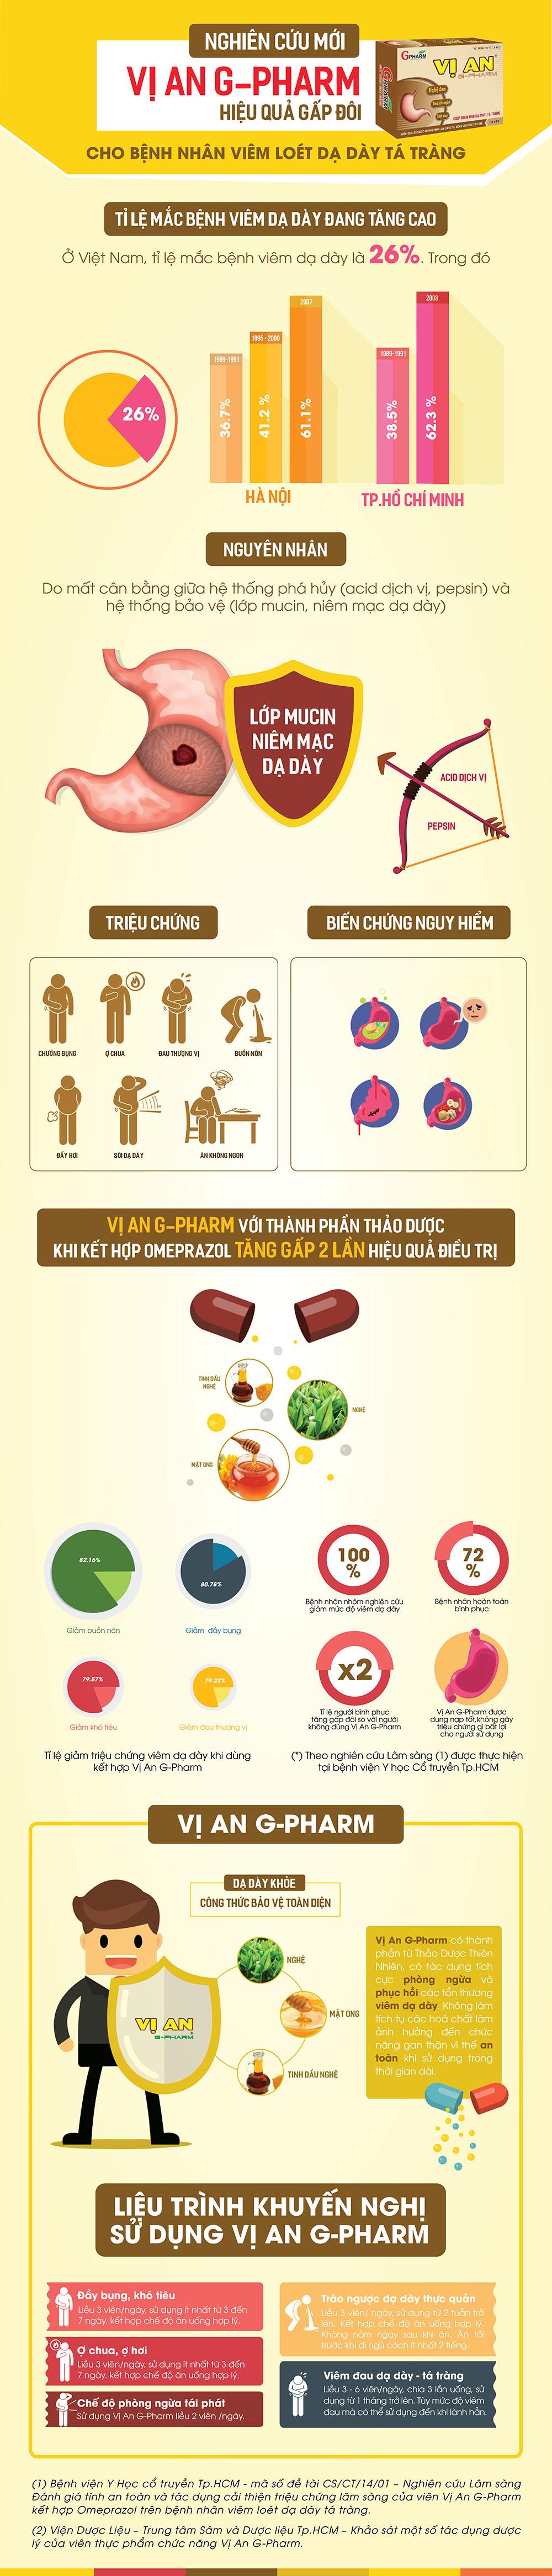 Vị An G-Pharm infographic